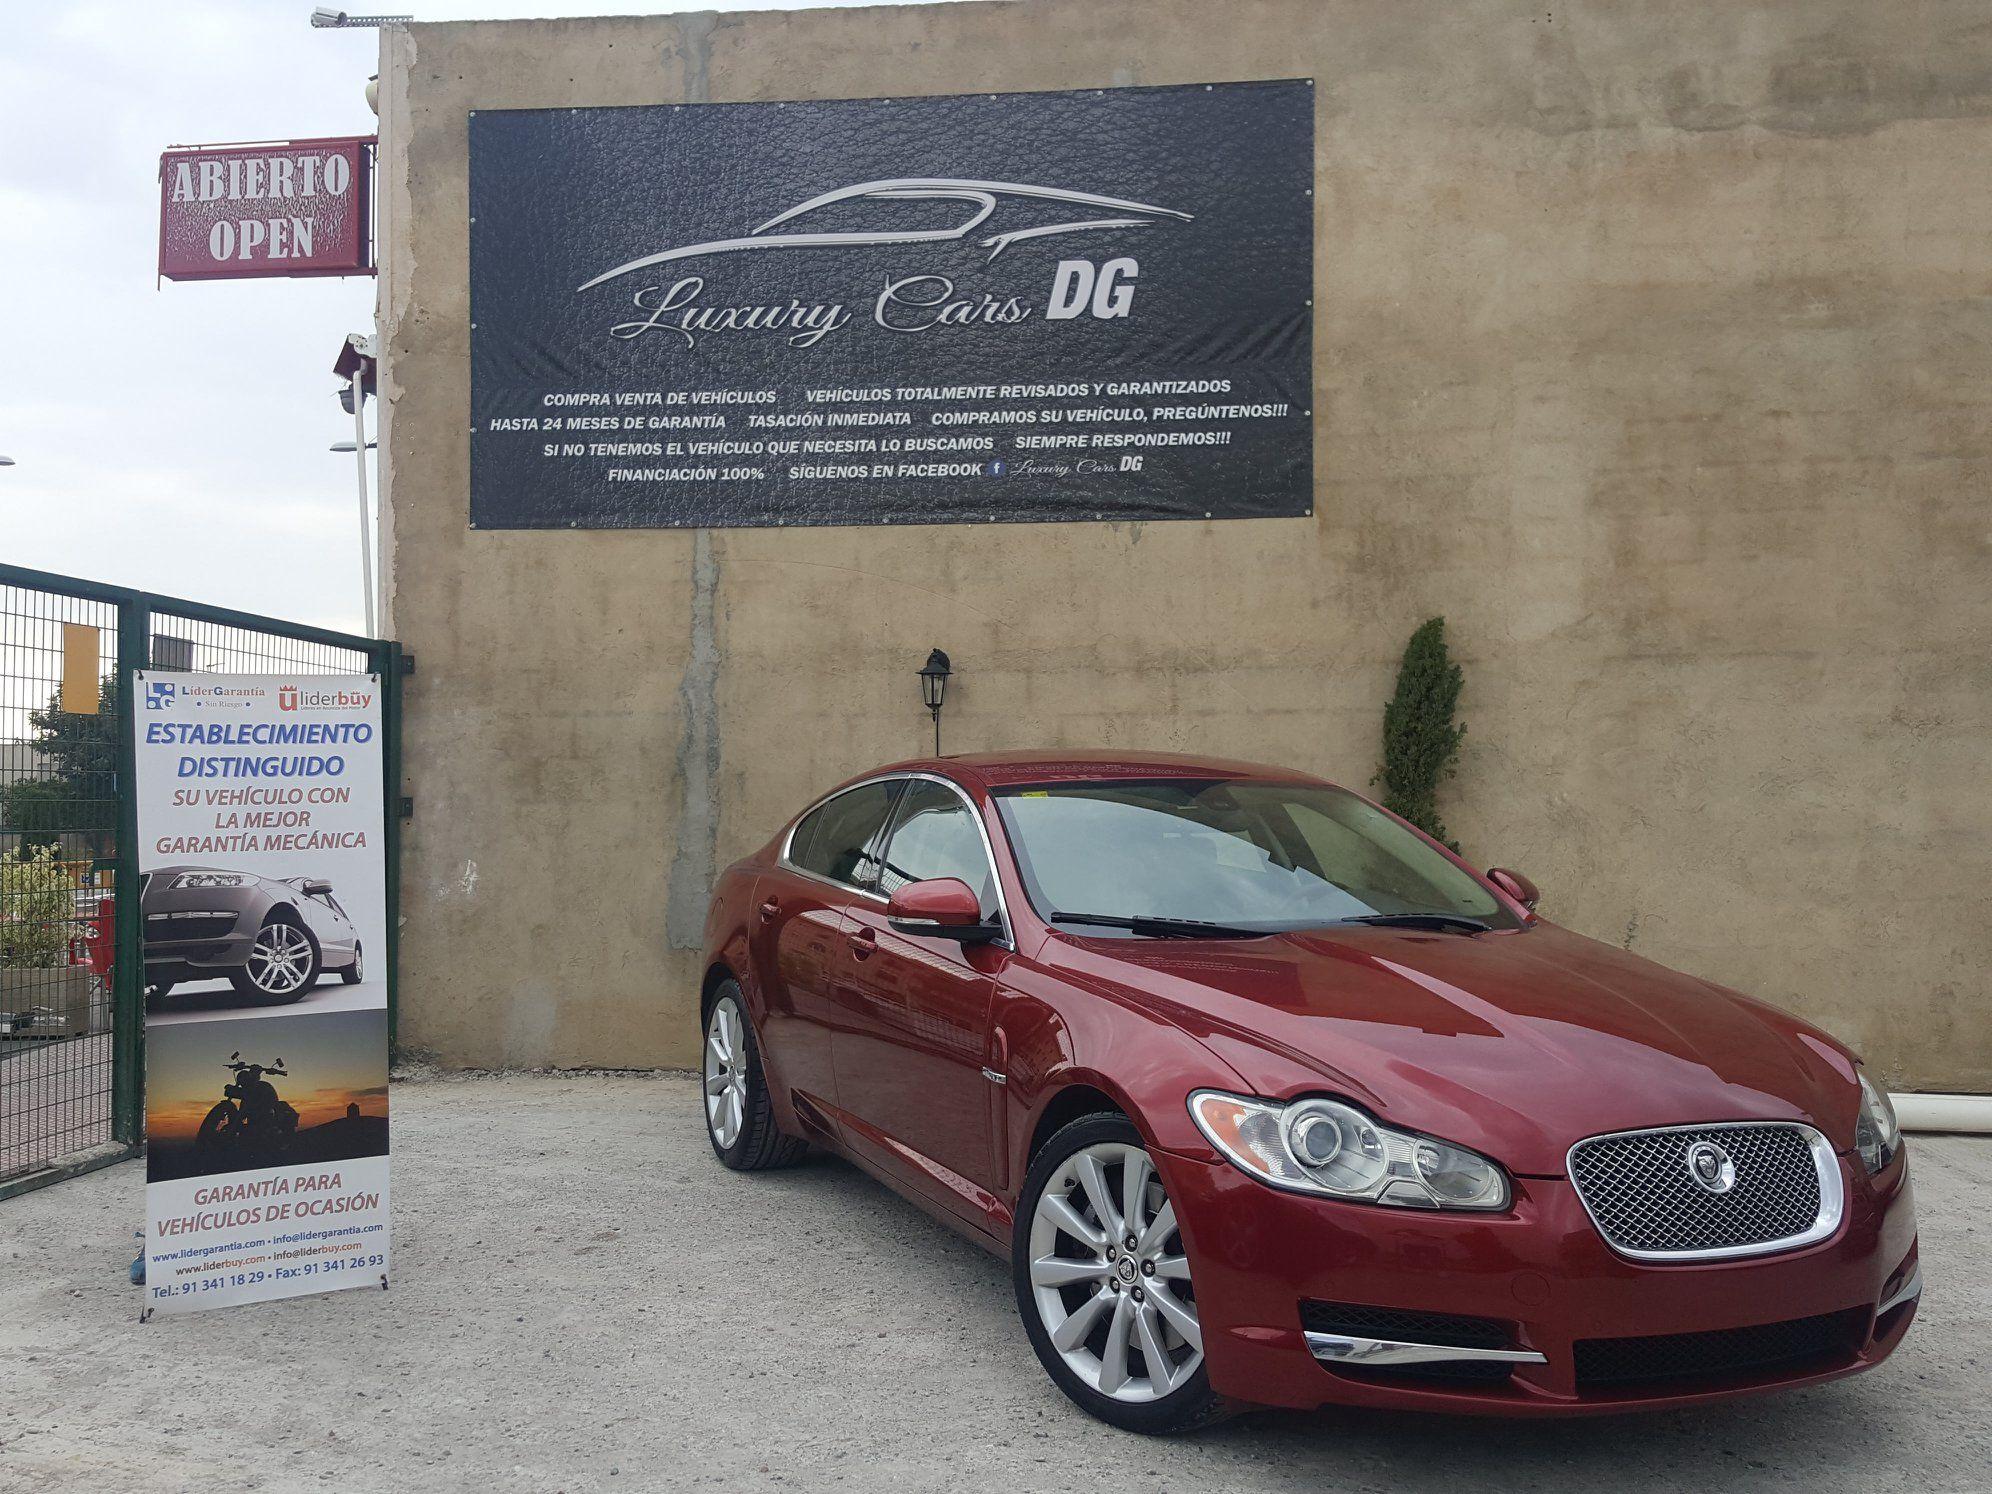 Jaguar XF S: Venta de vehículos de Luxury Cars DG